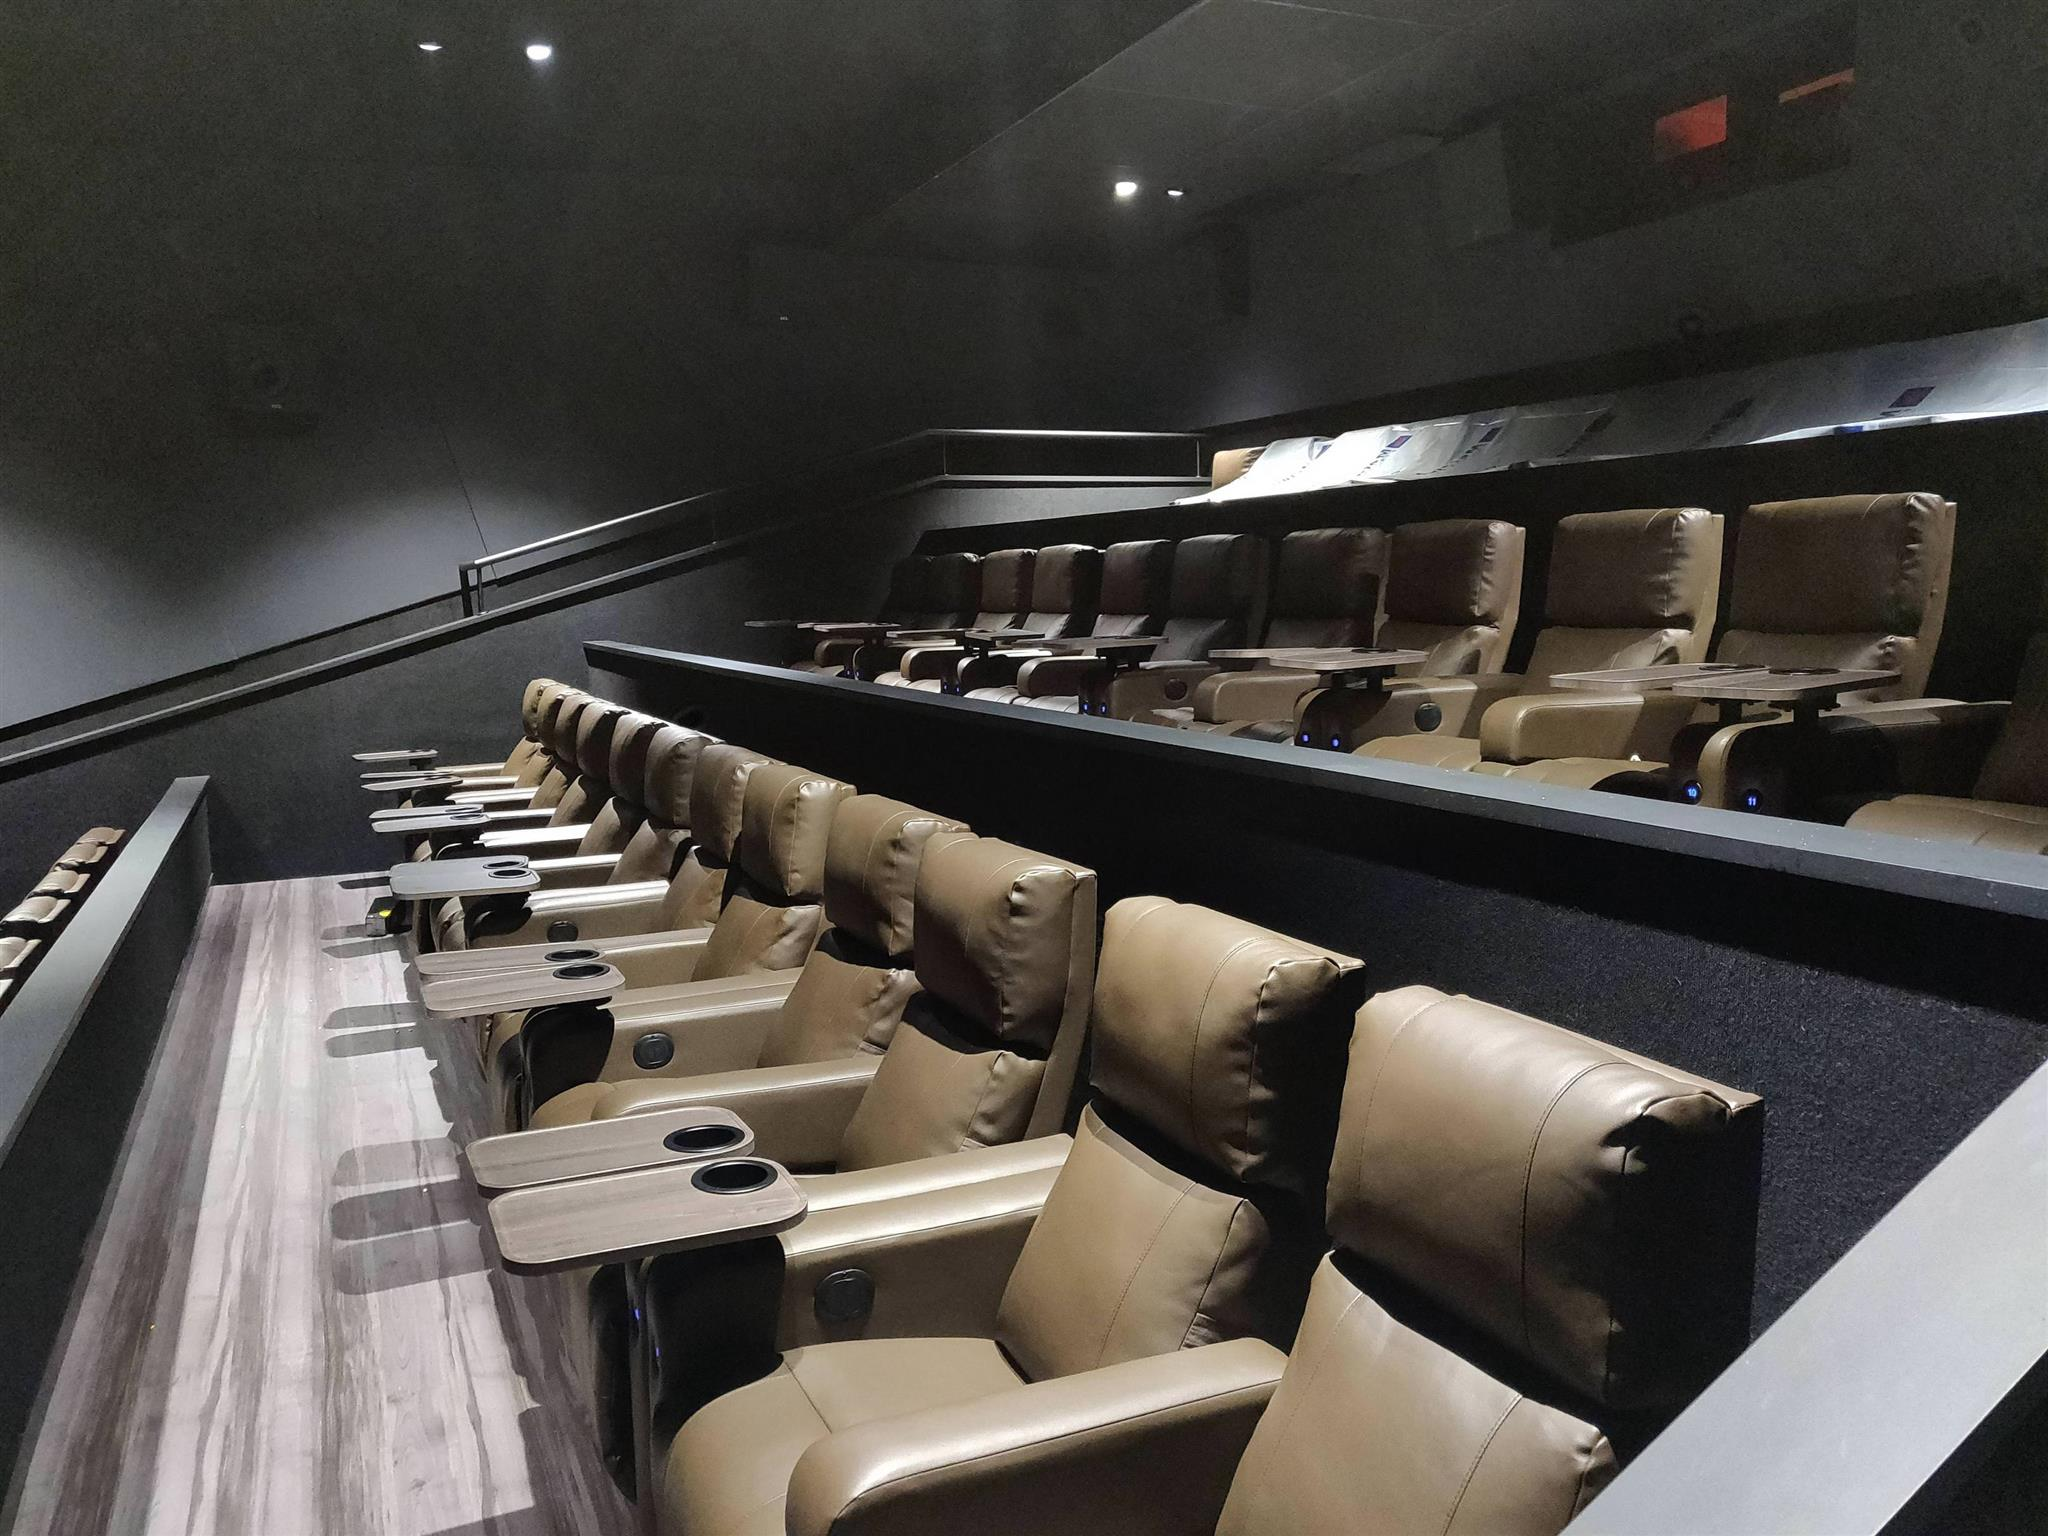 Сеть кинотеатров Cinesa открывает кинокомплекс класса «люкс» в Мадриде